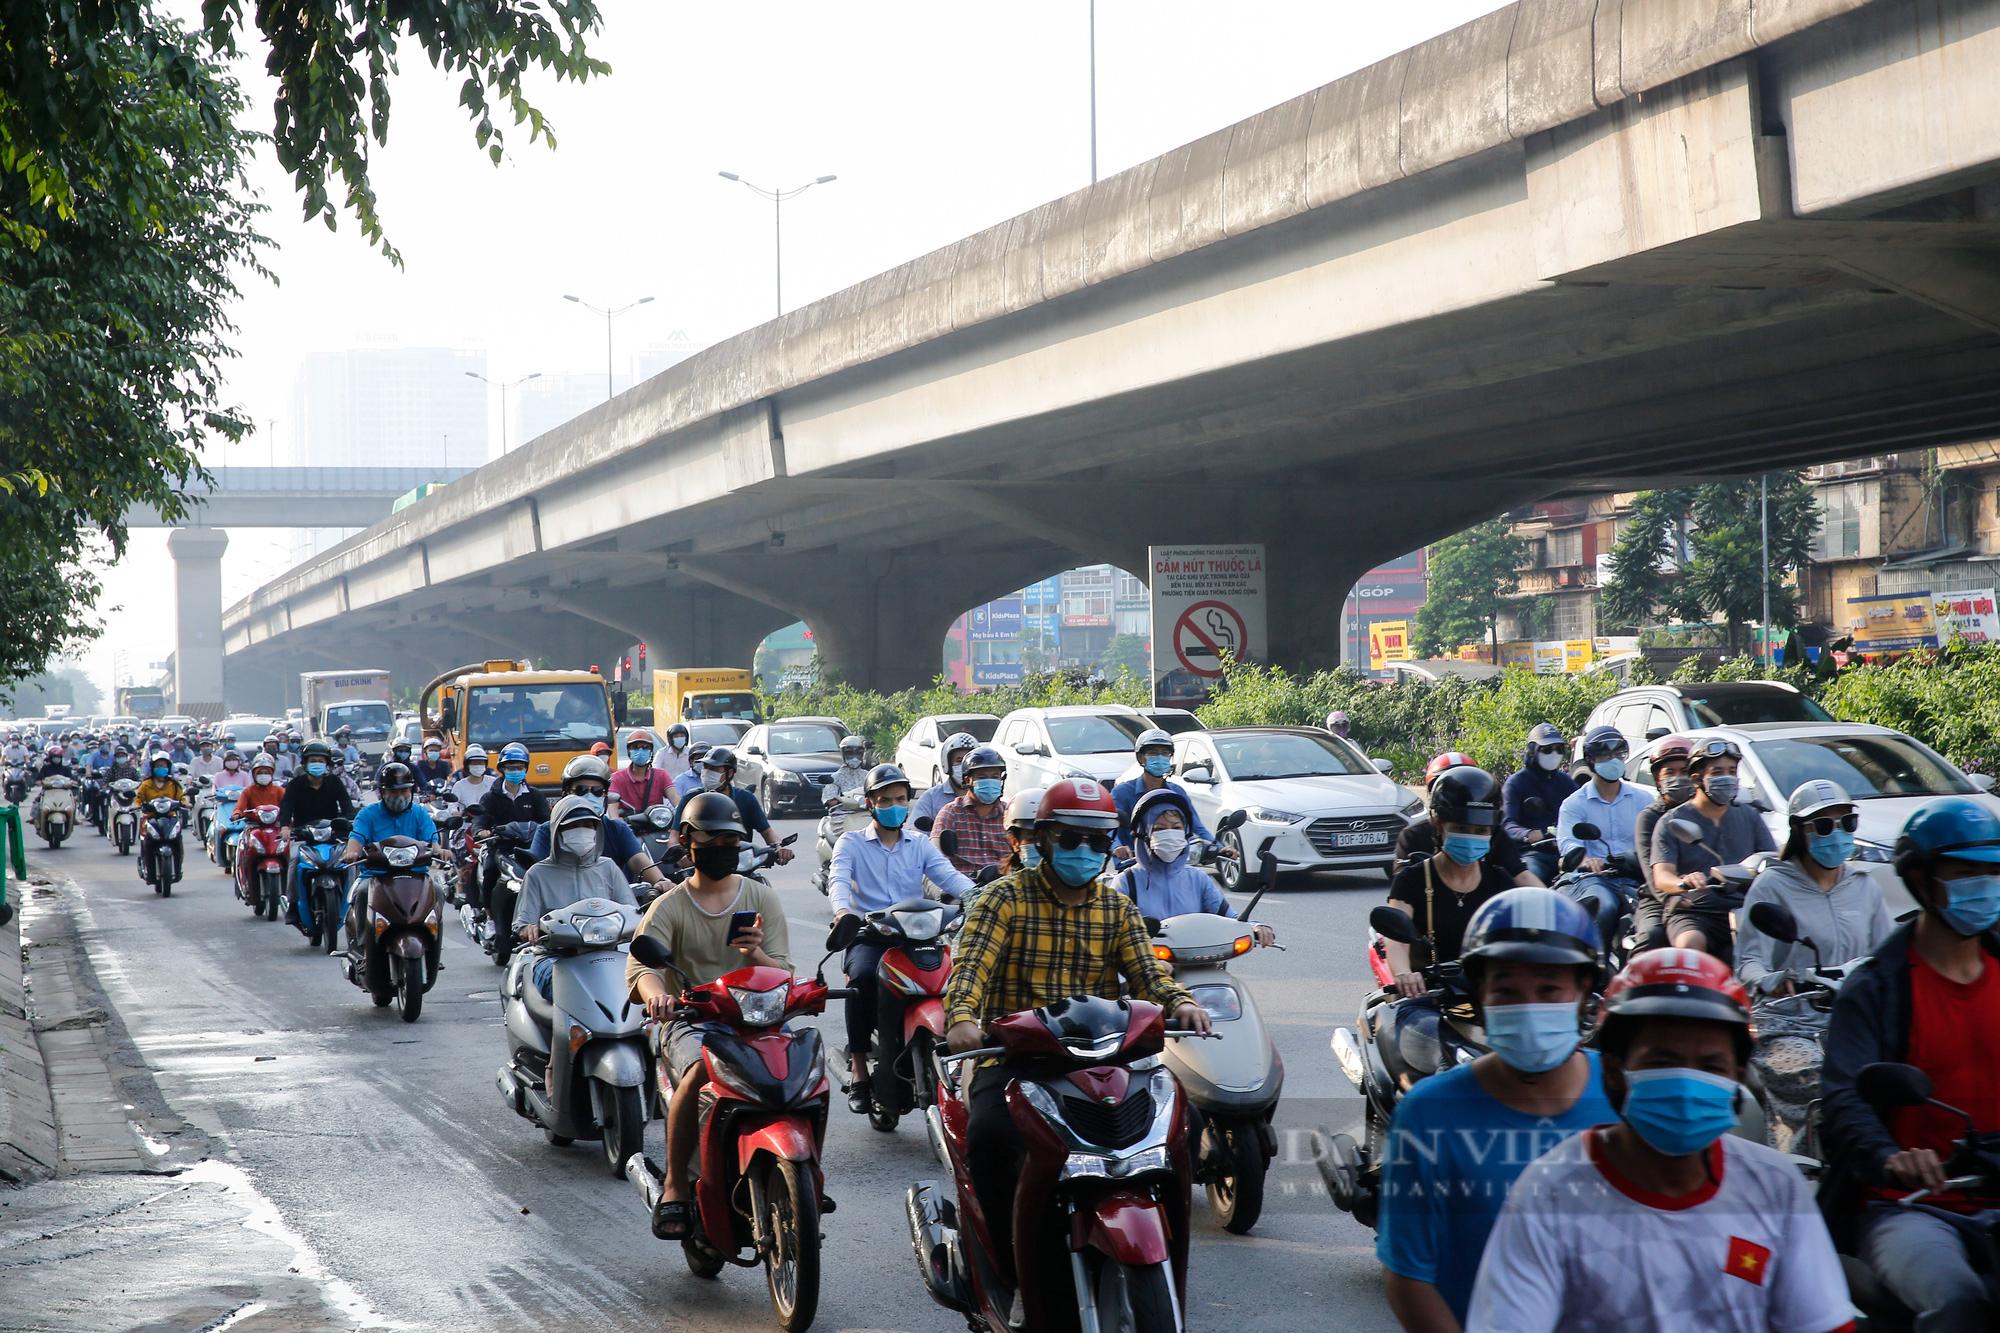 Cần thống nhất kịch bản tổ chức giao thông để người dân được tự do đi lại? - Ảnh 2.